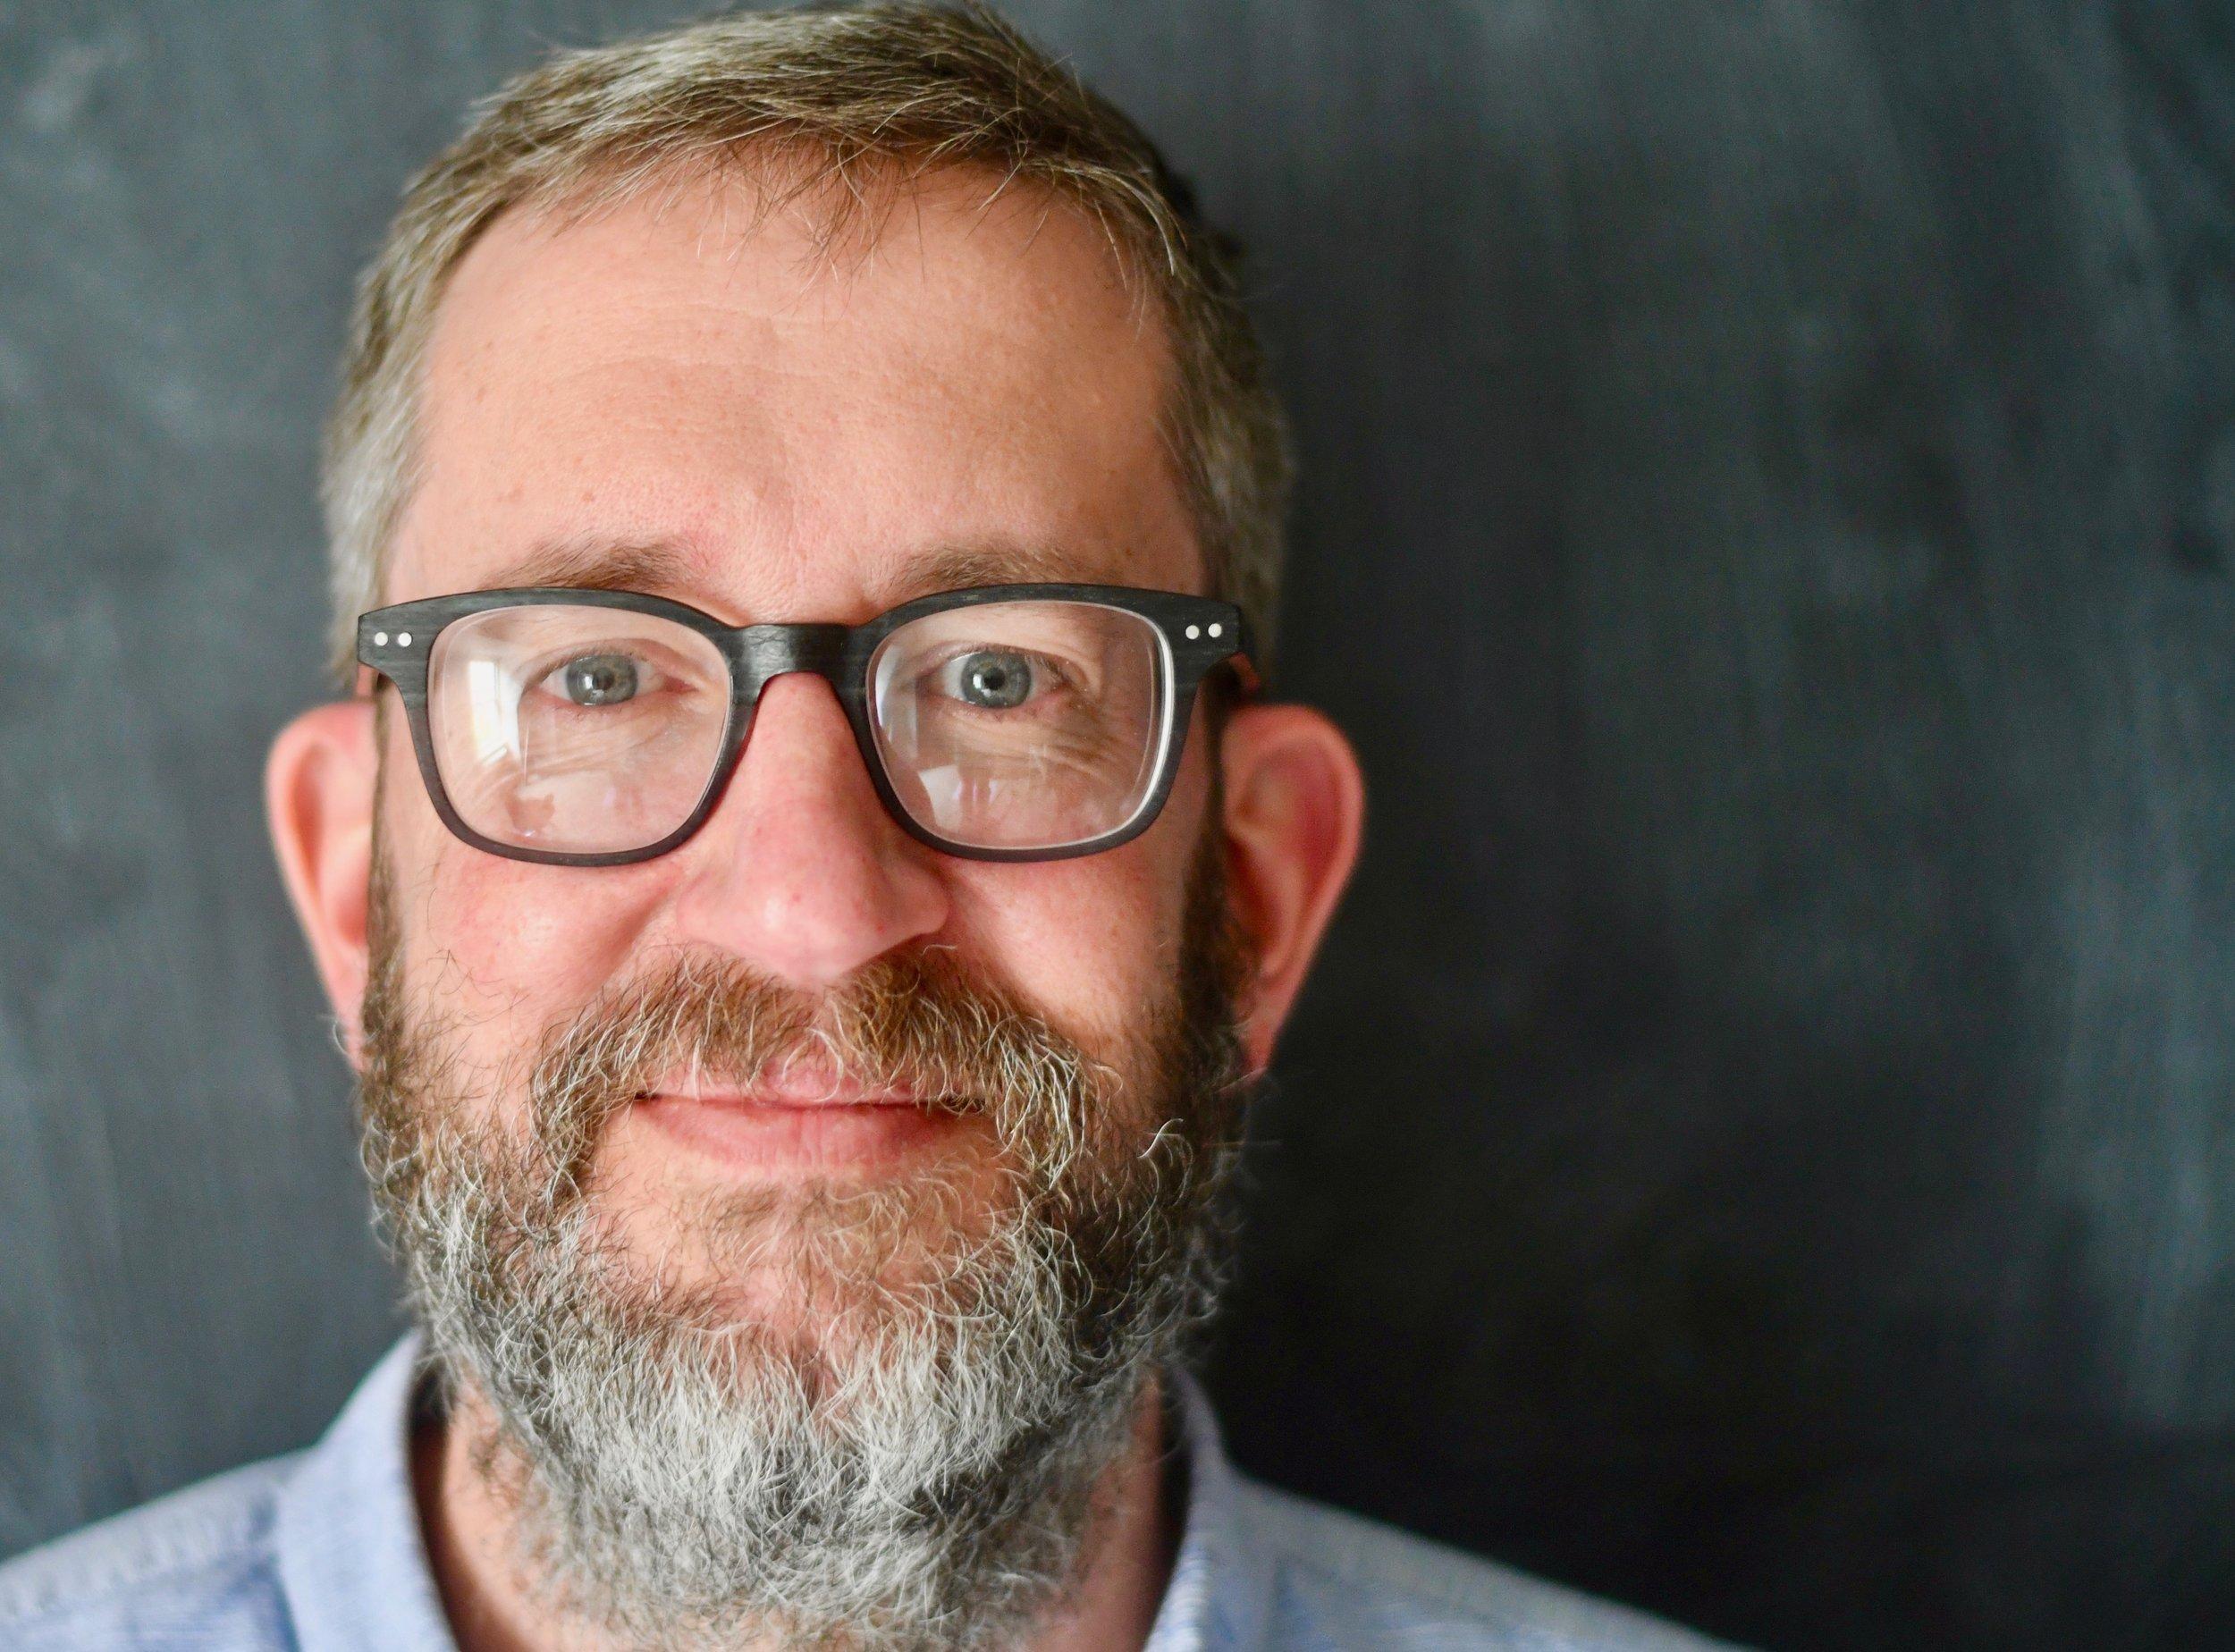 Mike Simpson, Head of Schoool